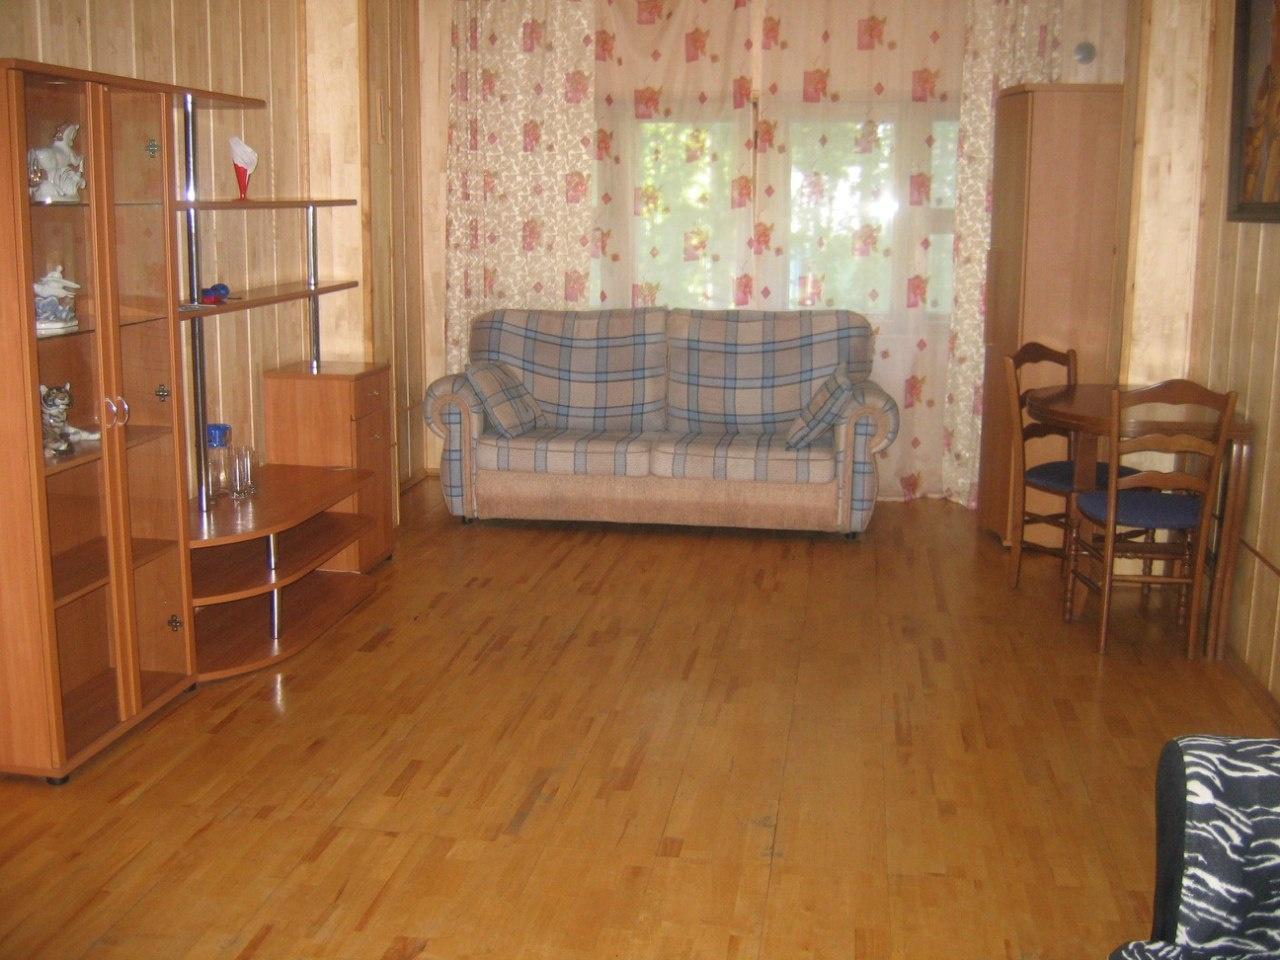 База отдыха «Лебедь» Кировская область Комната 2-местная в доме №2, фото 5